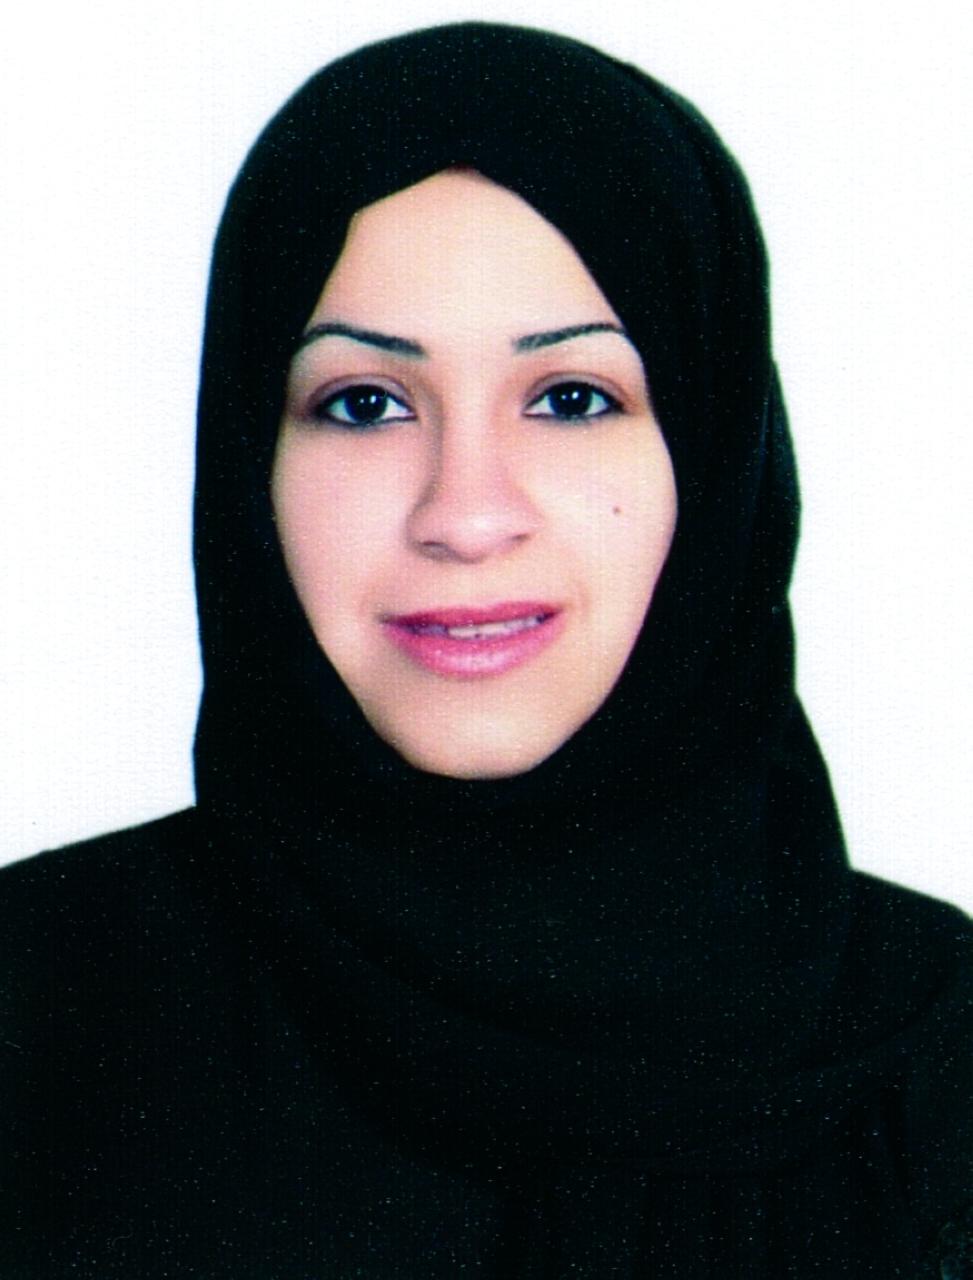 الصورة : فاطمة الهاشمي - مريضاً بالثلاسيميا وأنيميا الدم يستفيدون من الإجراء